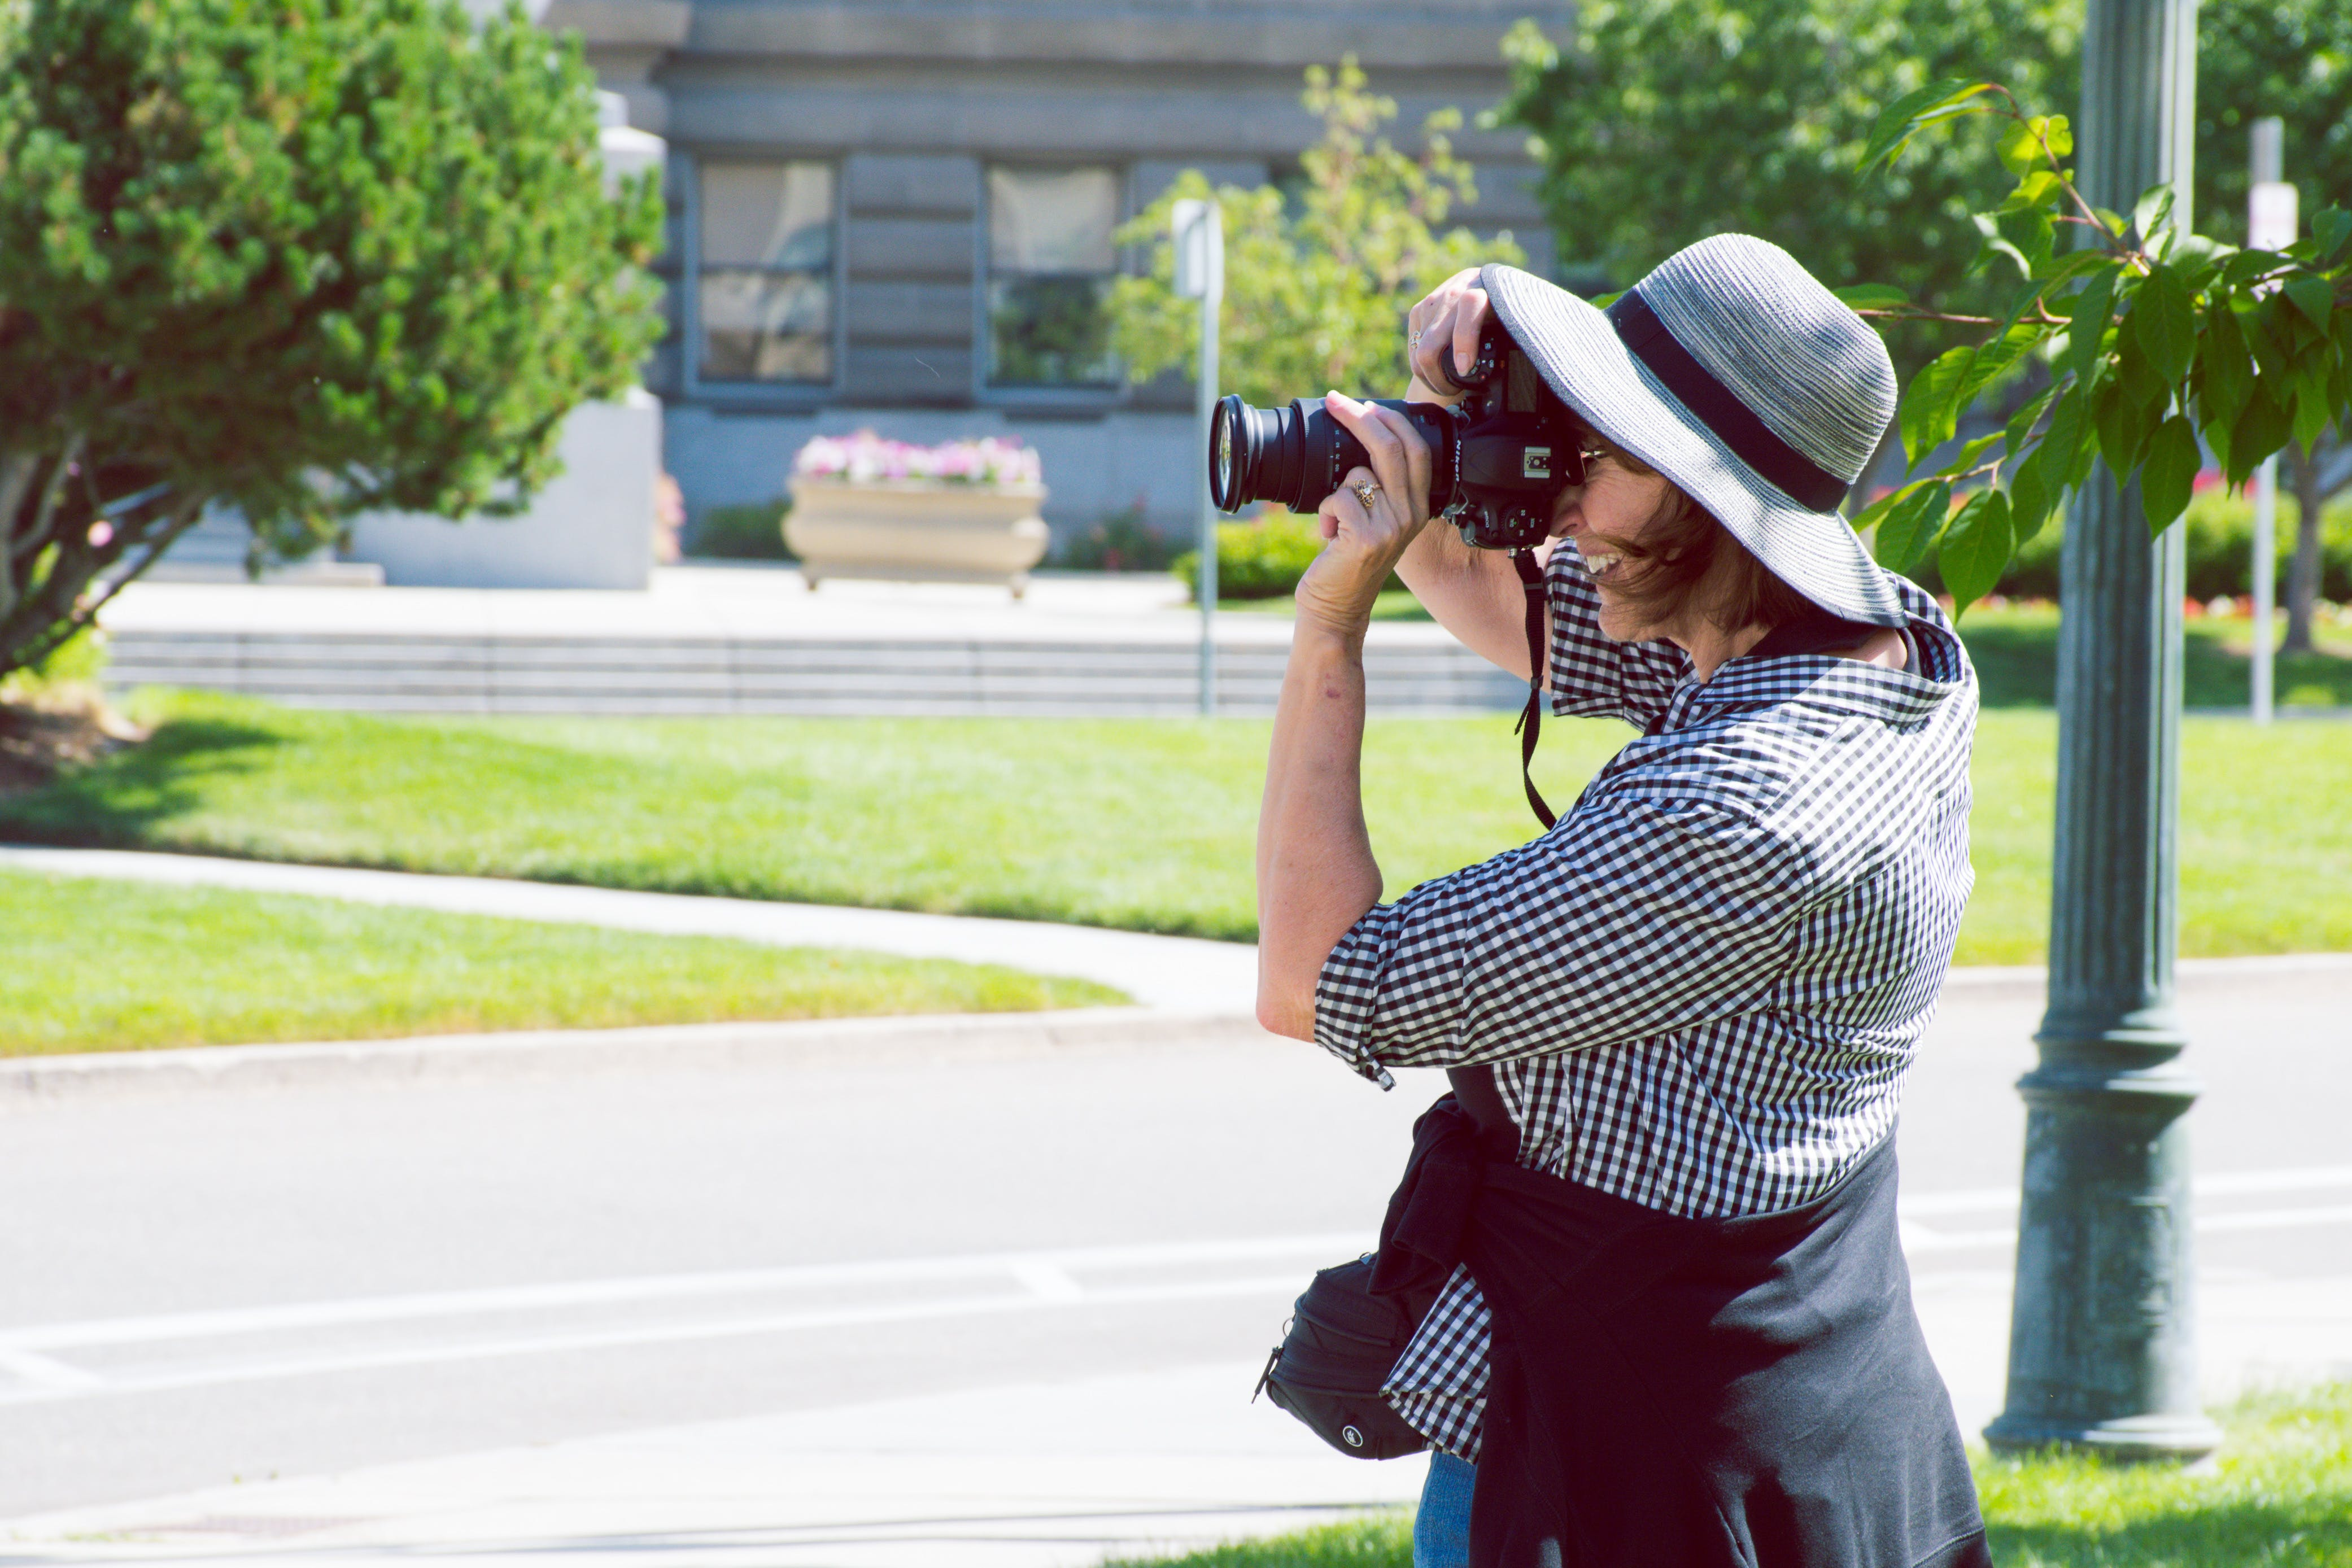 appareil photo, arbres, chapeau